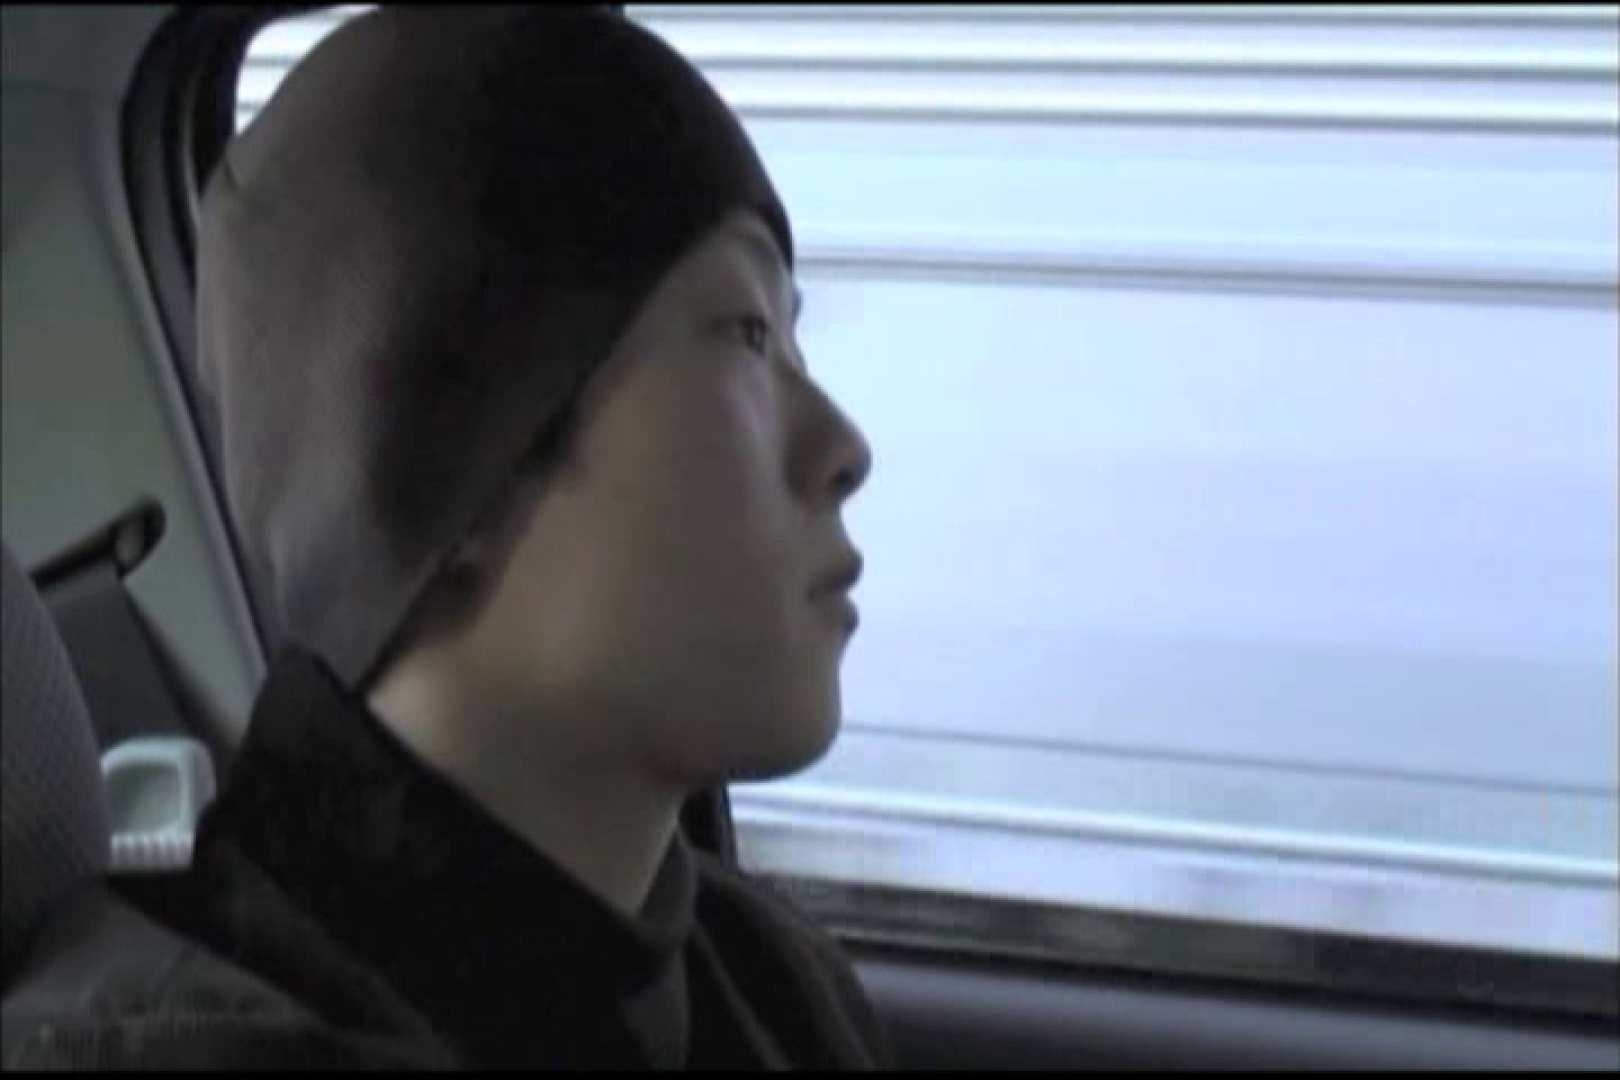 ジムで筋トレ後の自慰行為。 スジ筋系男子 | オナニー編  105枚 1